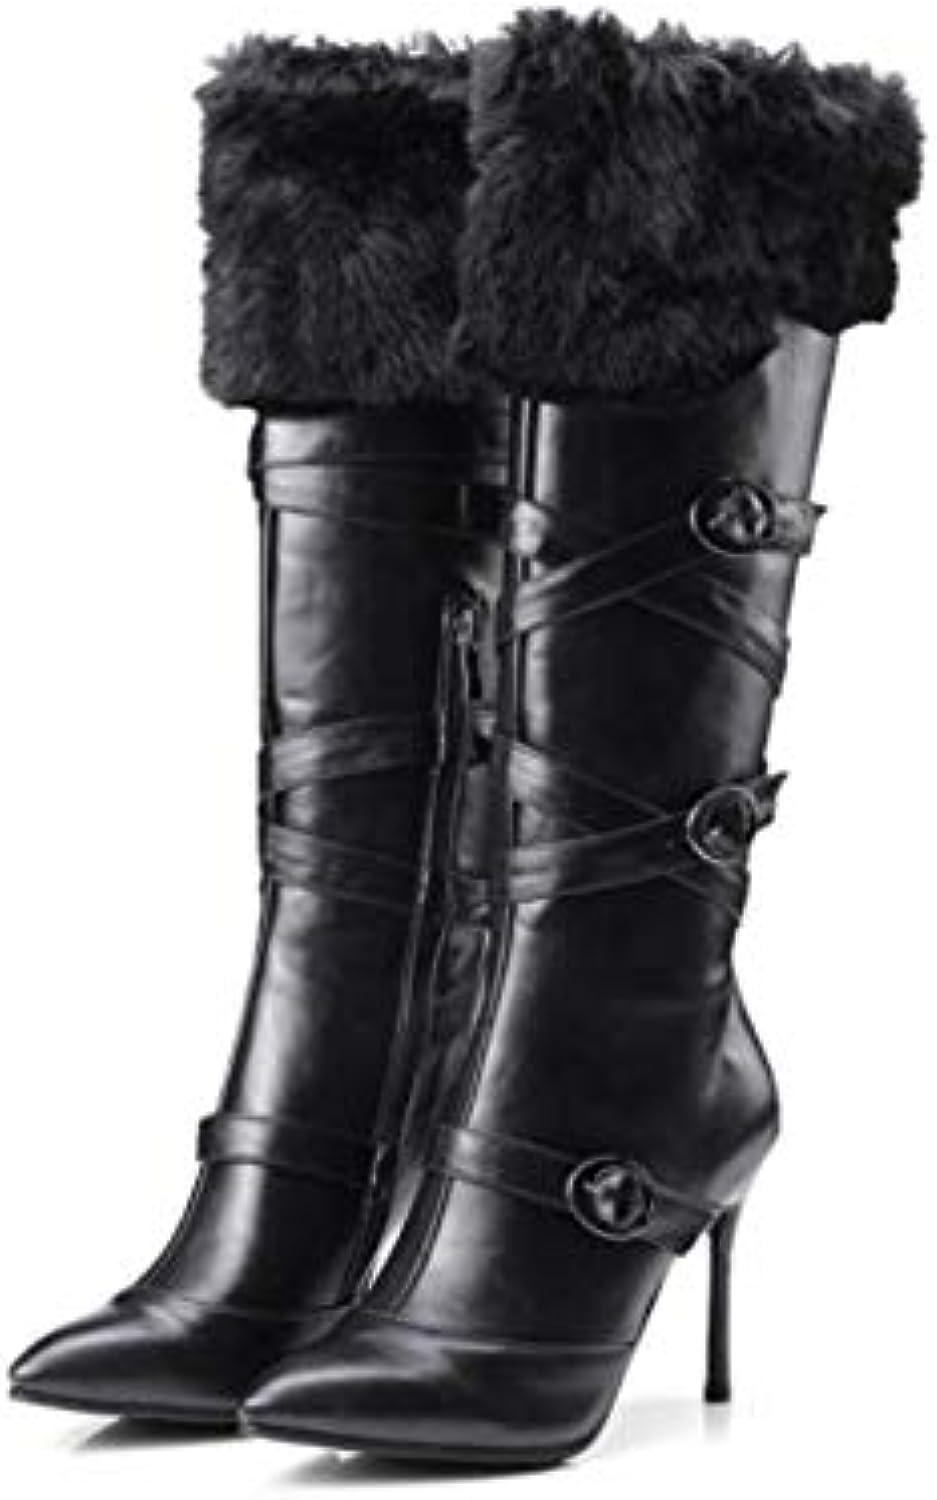 NVXUEZIX Femme Chaussures Polyuréthane Bout Hiver Automne Confort Bottes Talon Aiguille Bout Polyuréthane Pointu Boucle pour Blanc... 3a9ea4